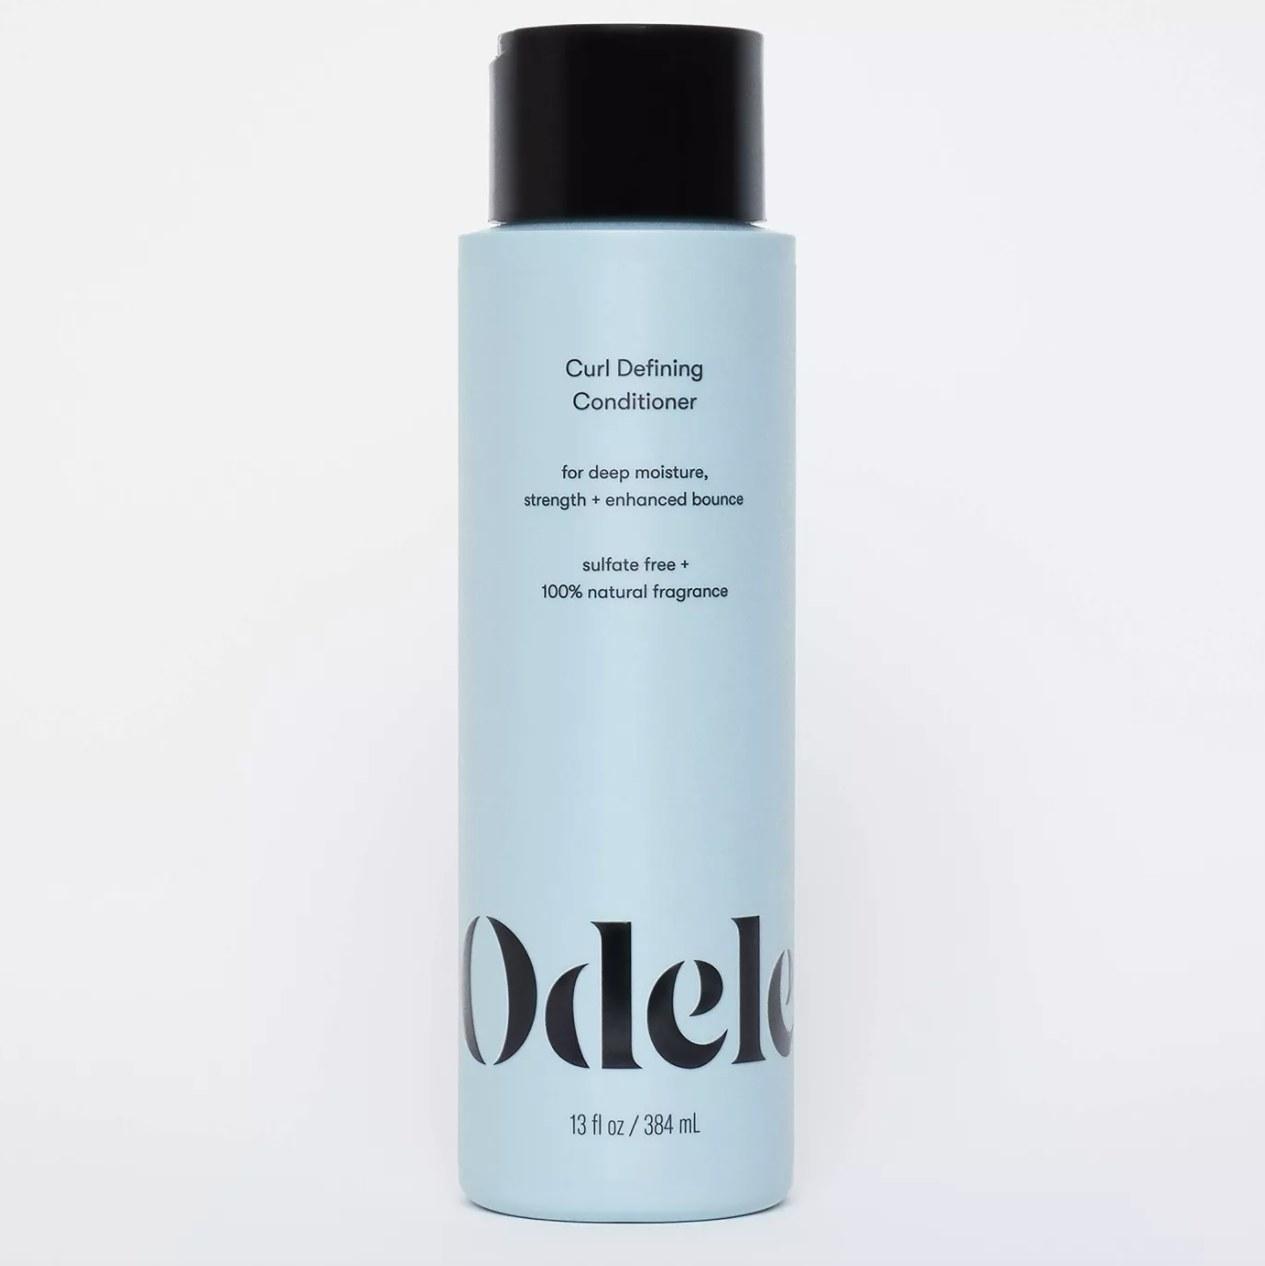 bottle of Odele conditioner